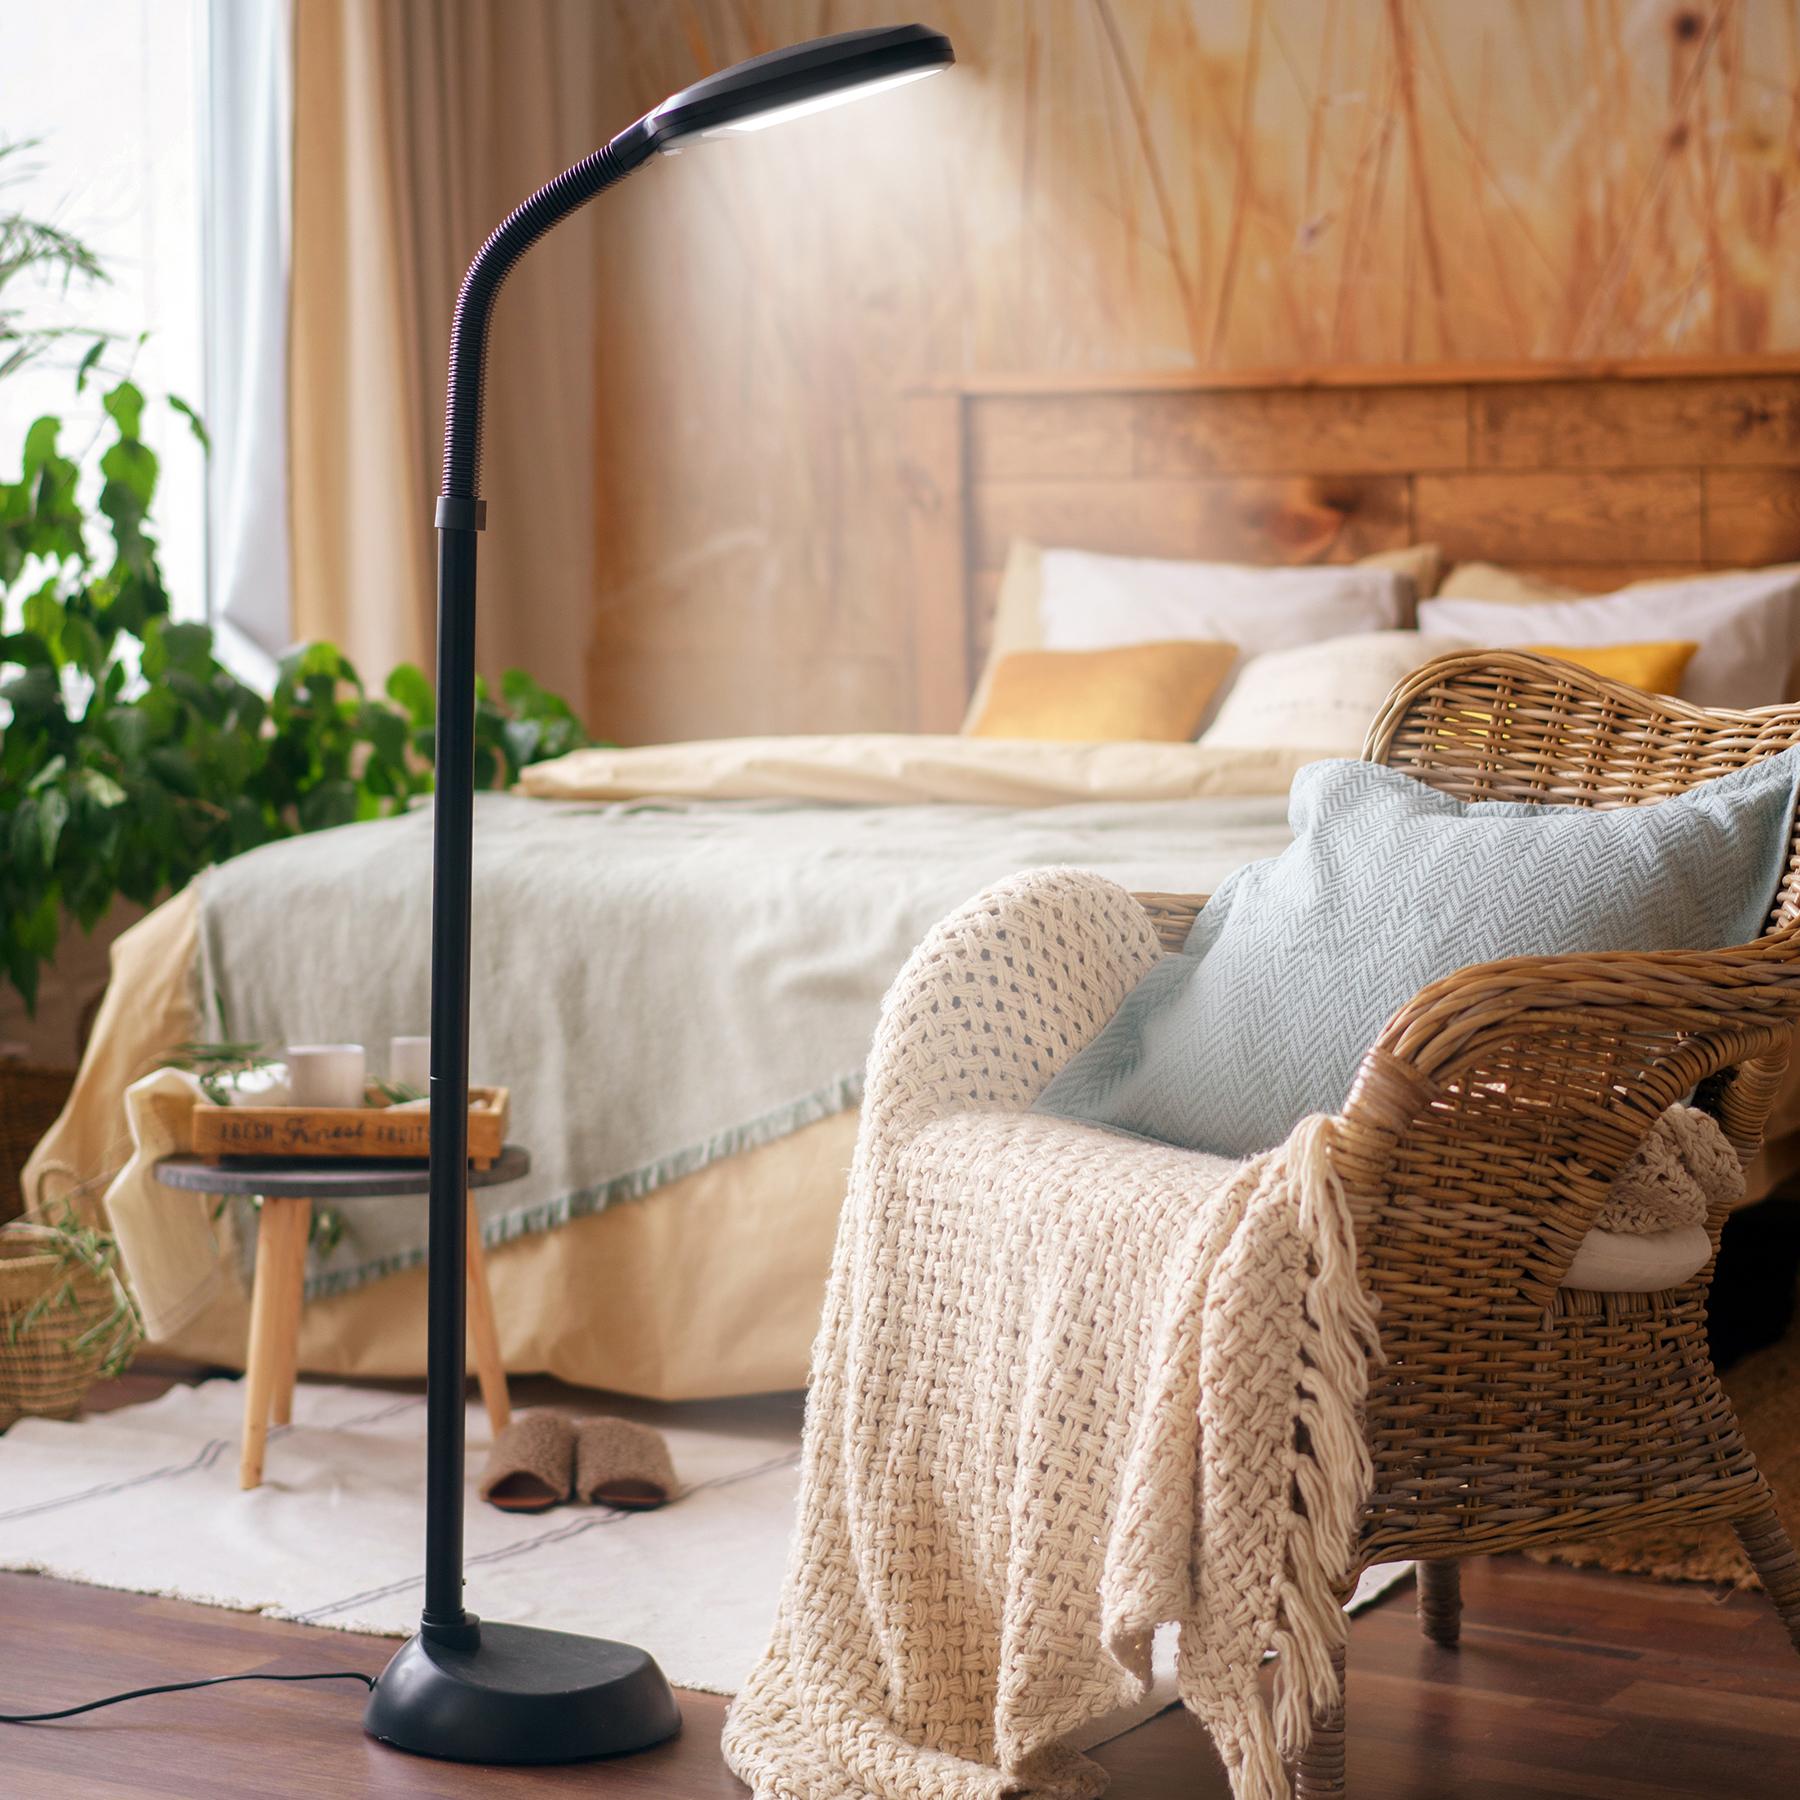 modern tageslicht lampe stehleuchte tageslichtlampe f r schlafzimmer wohnzimmer ebay. Black Bedroom Furniture Sets. Home Design Ideas